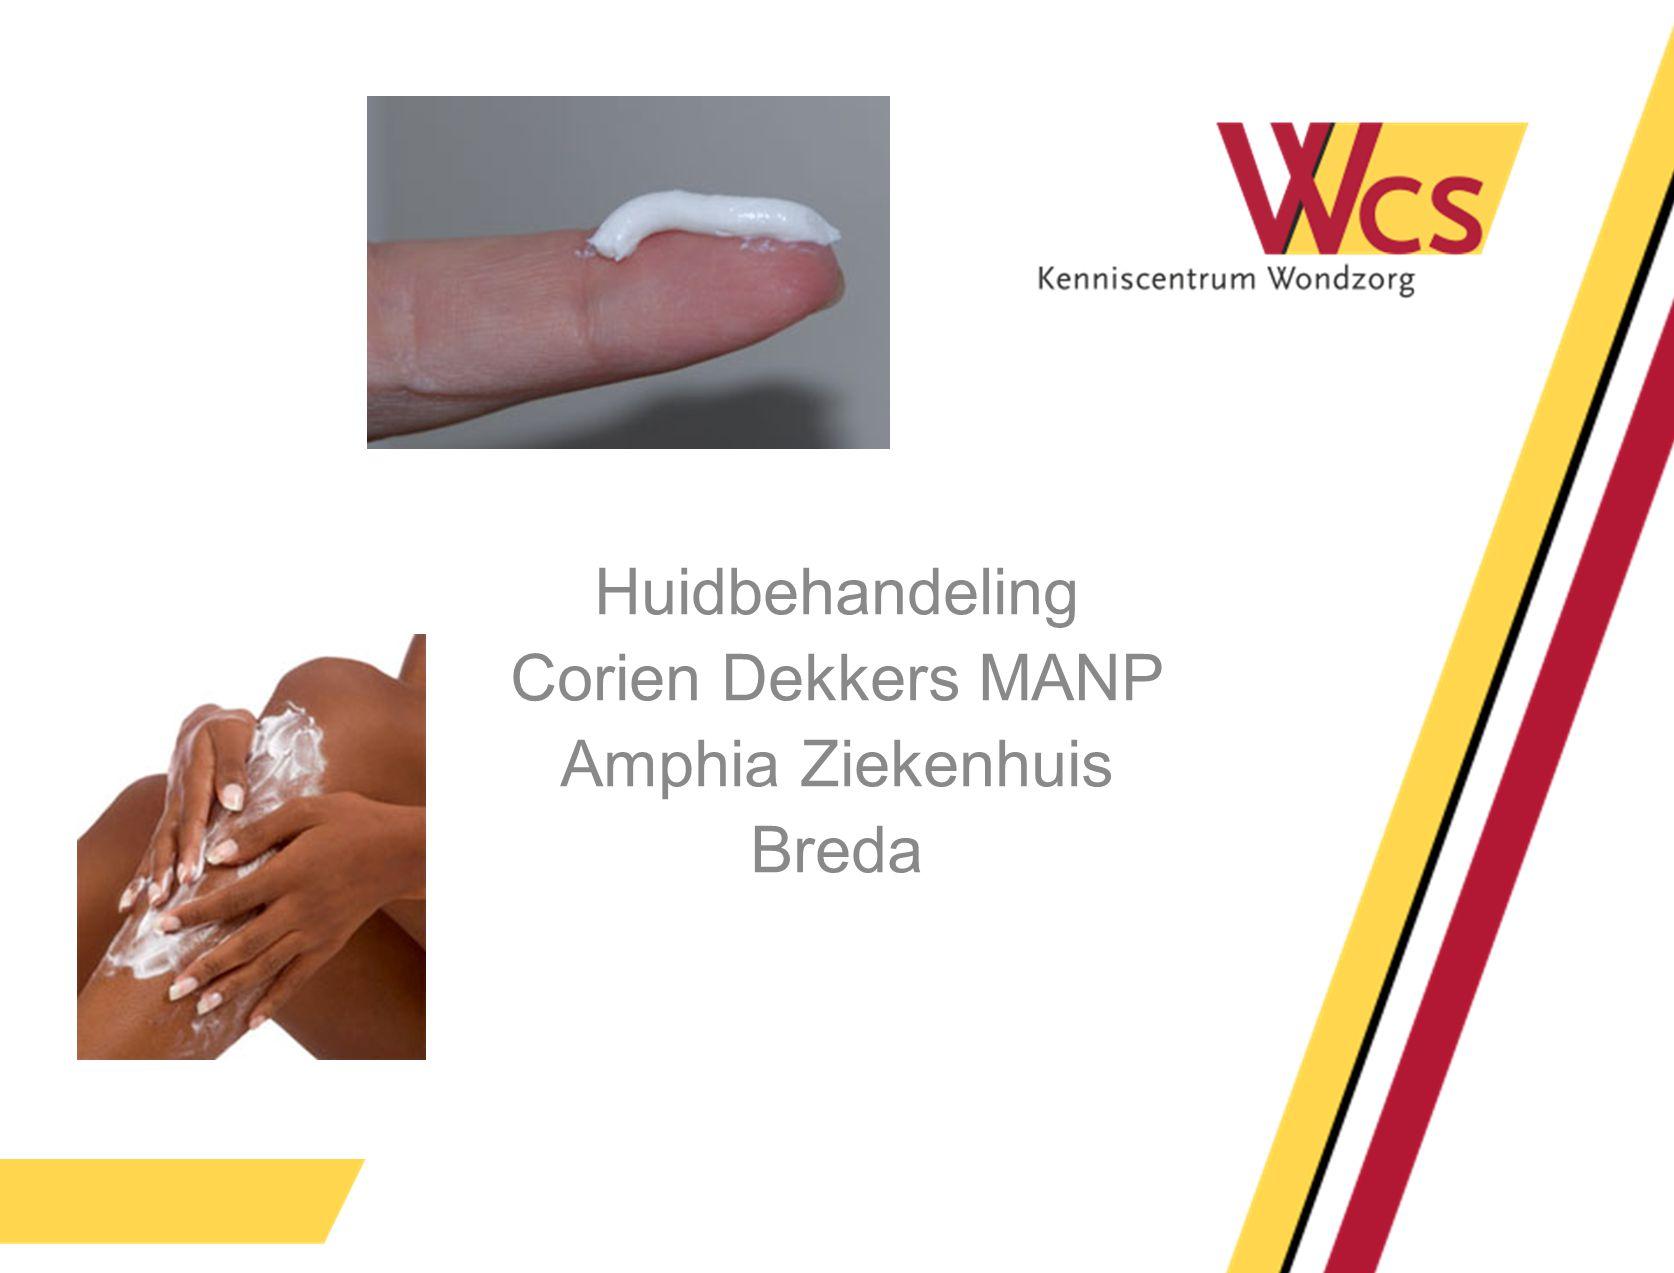 Huidbehandeling Corien Dekkers MANP Amphia Ziekenhuis Breda